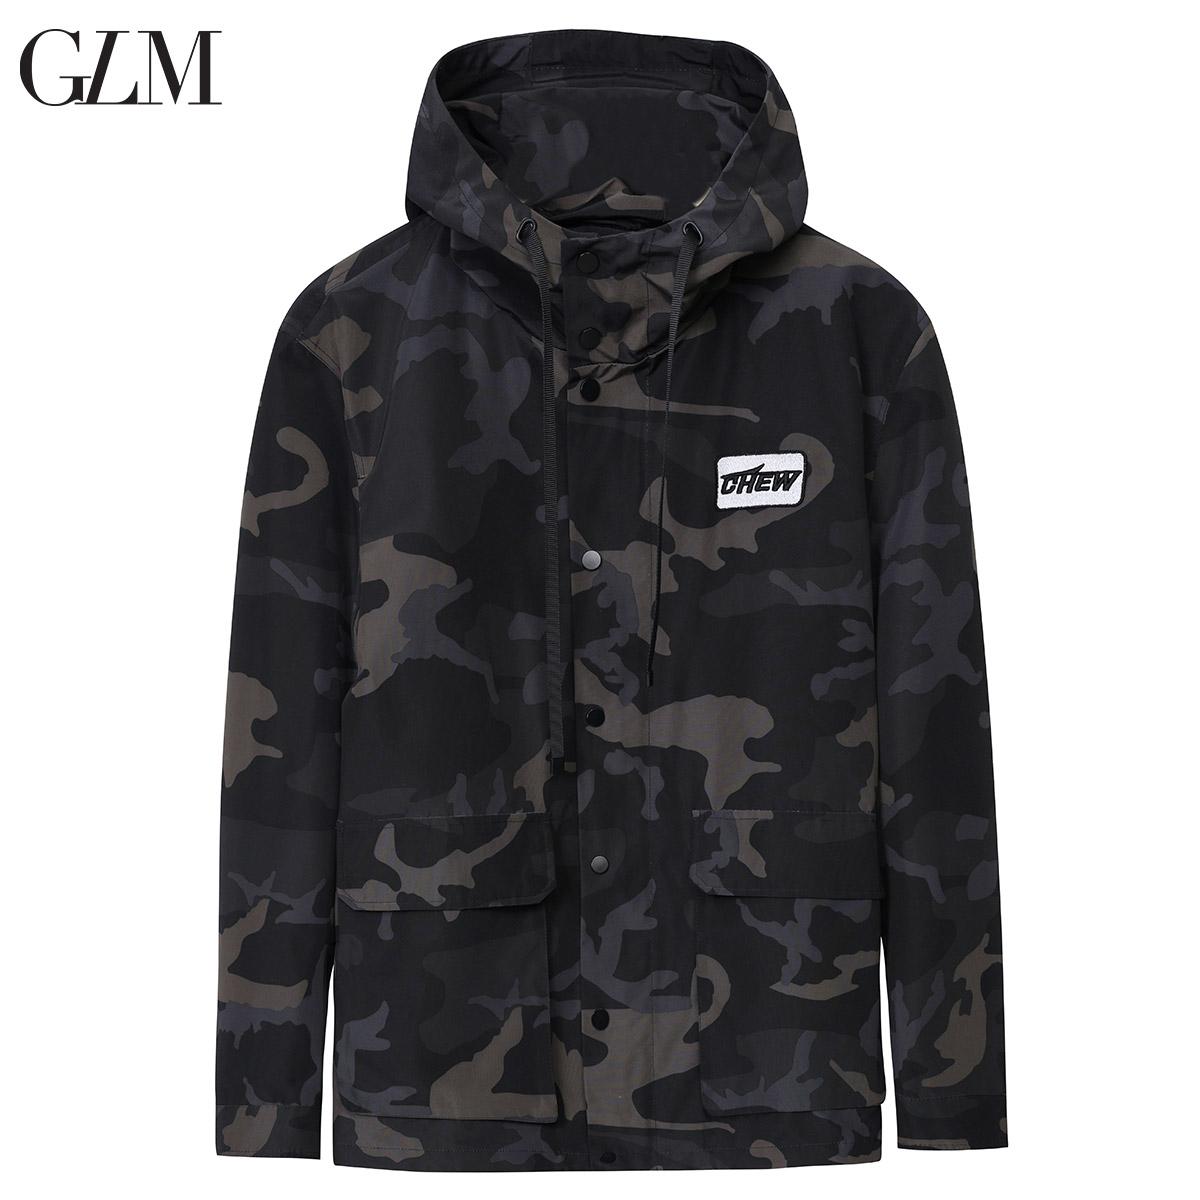 GLM男装2019春季新款男士迷彩夹克修身防风外套国潮连帽工装外衣